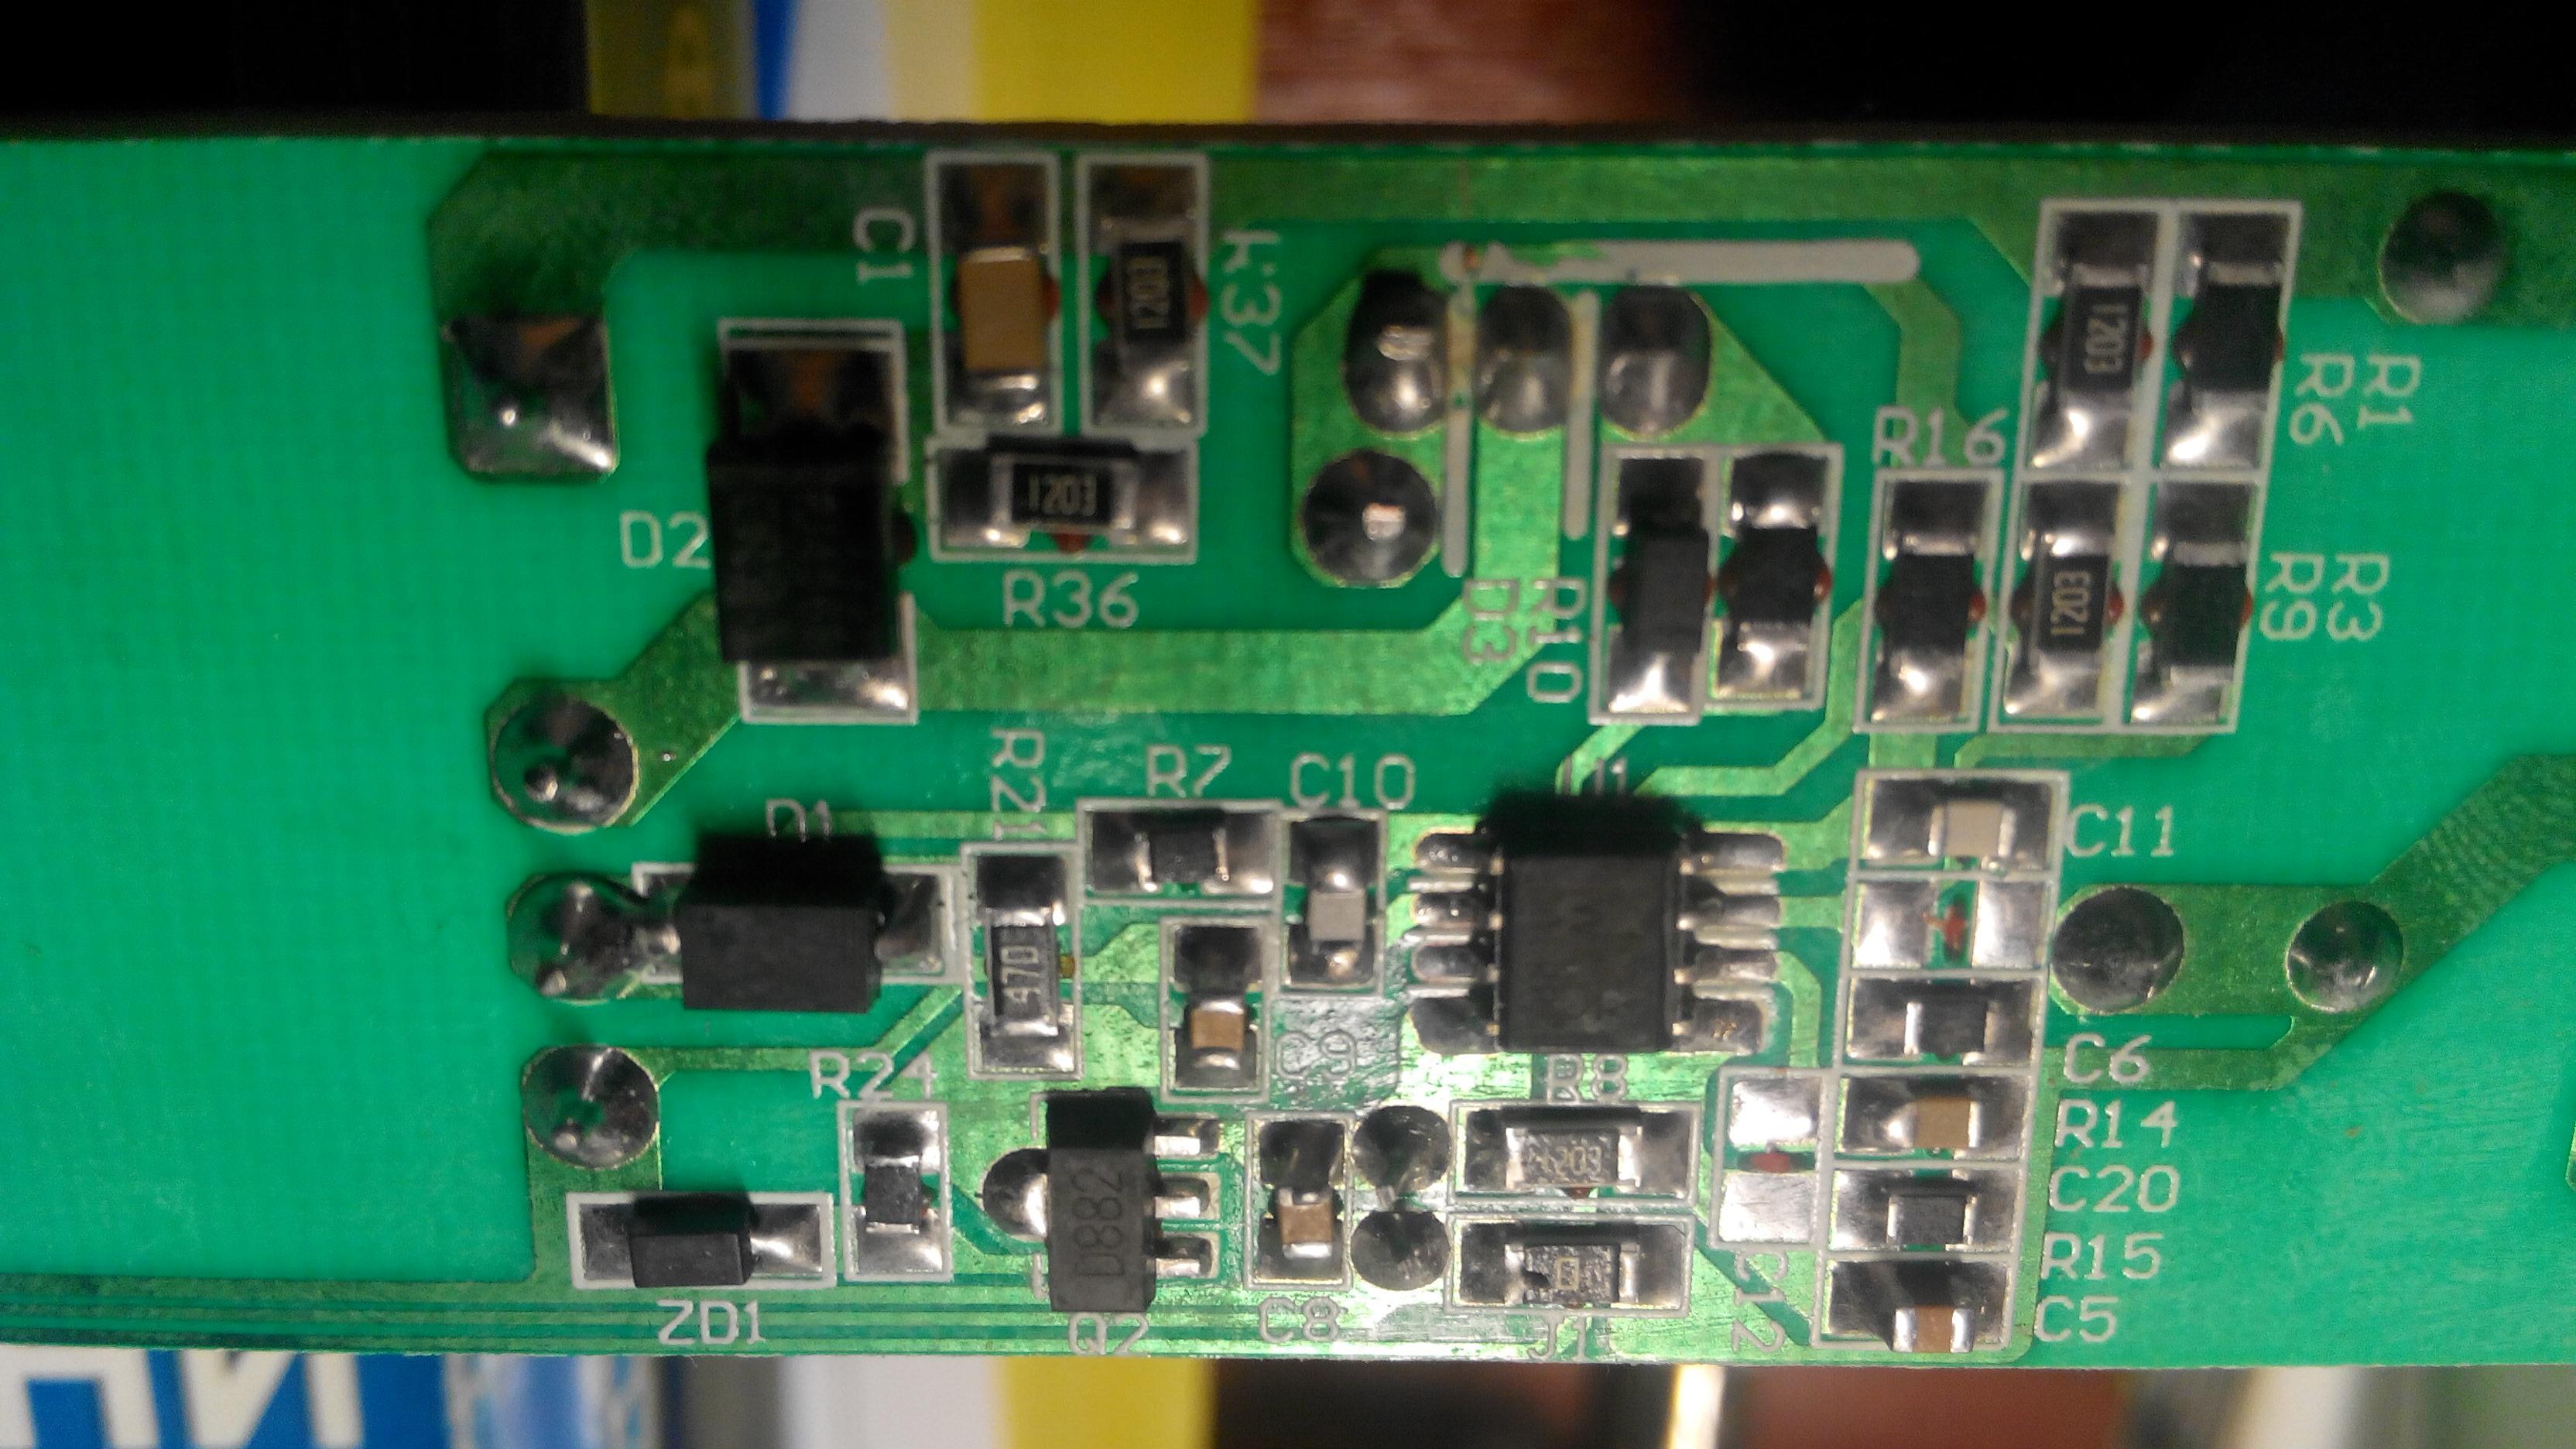 LED-драйвер Arlight, фрагмент платы низковольтной части